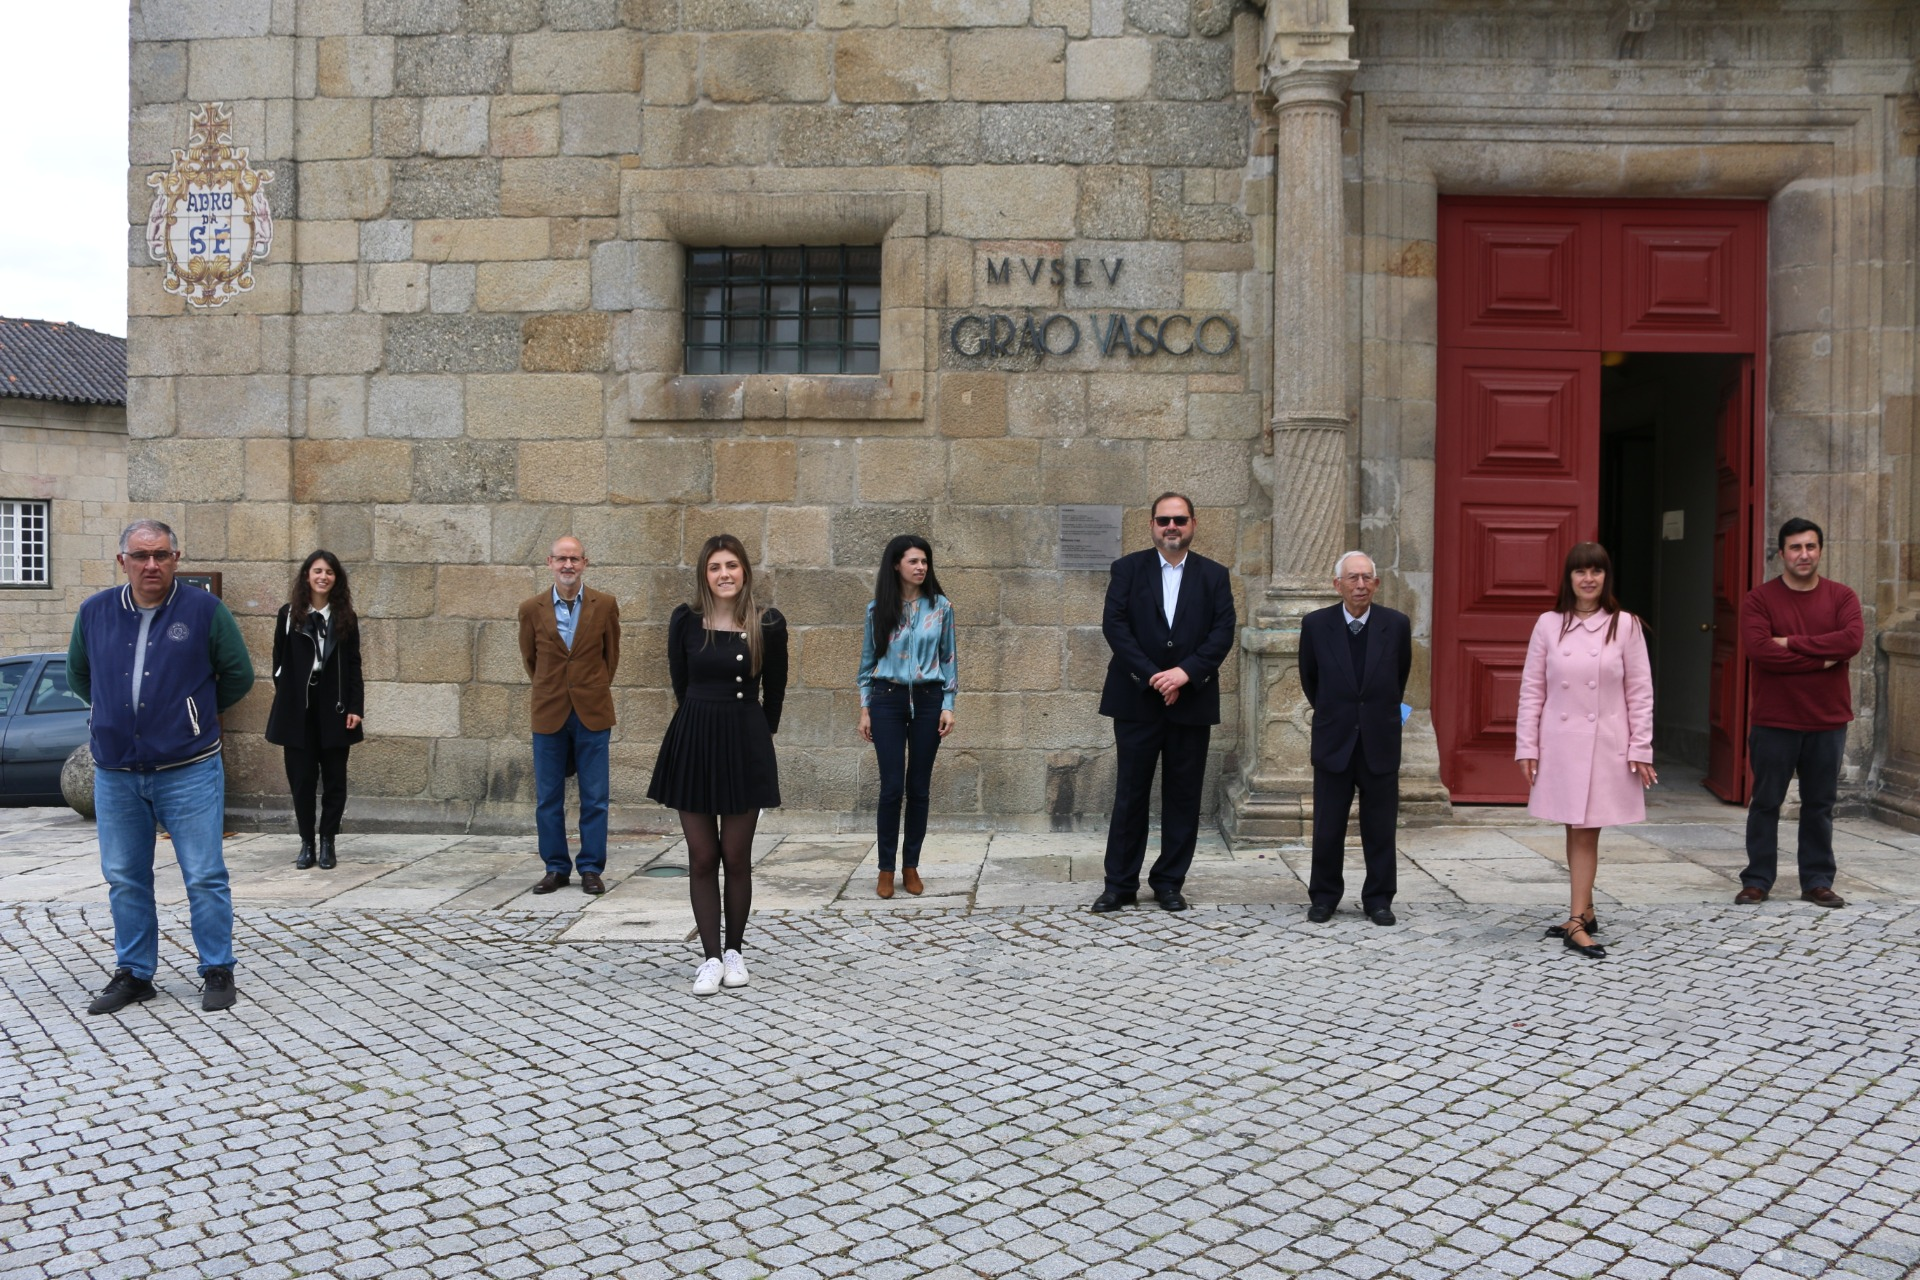 eleitos liga amigos museu grão vasco